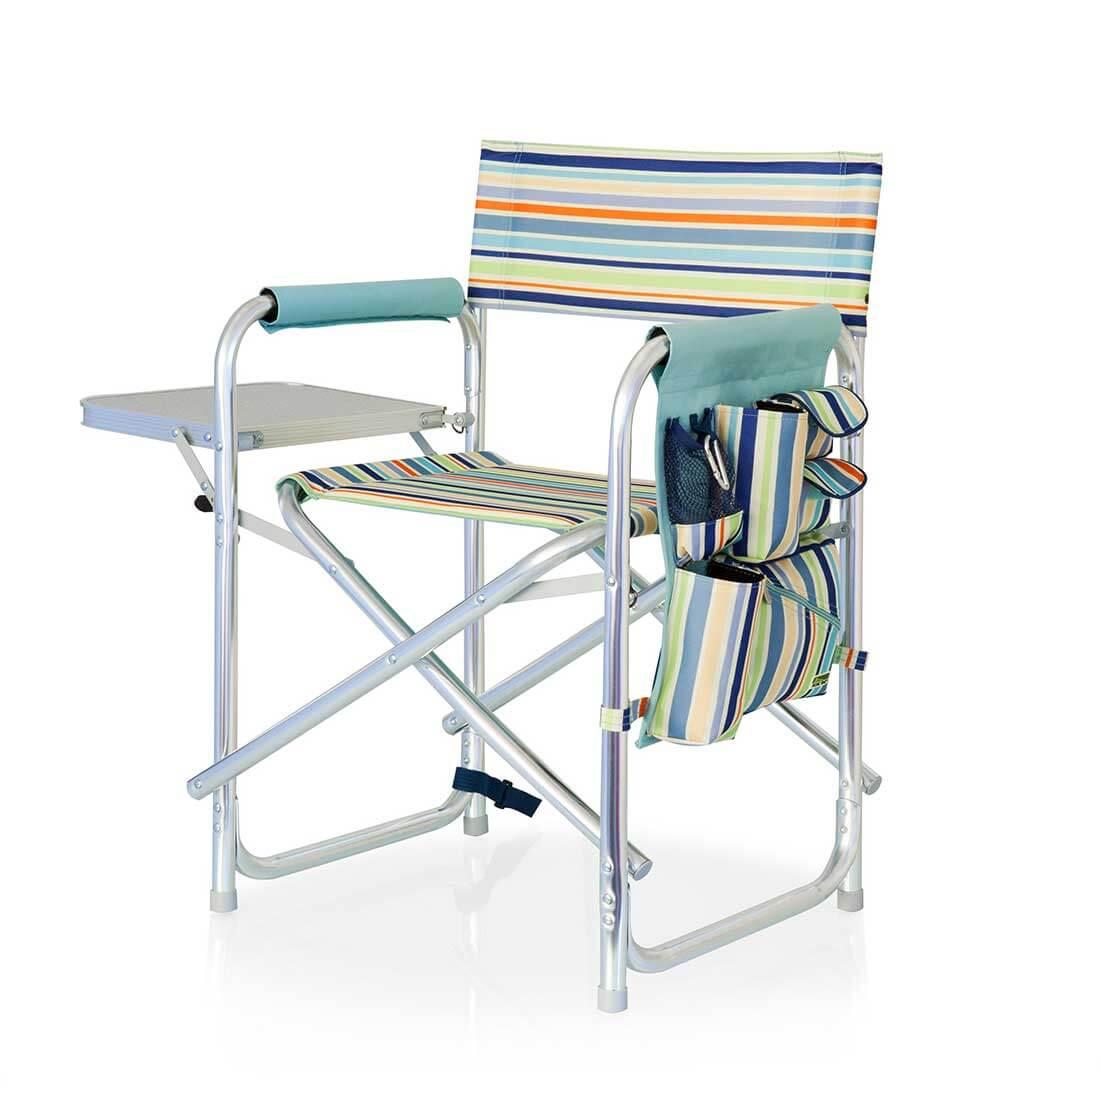 Portable Sports Chair